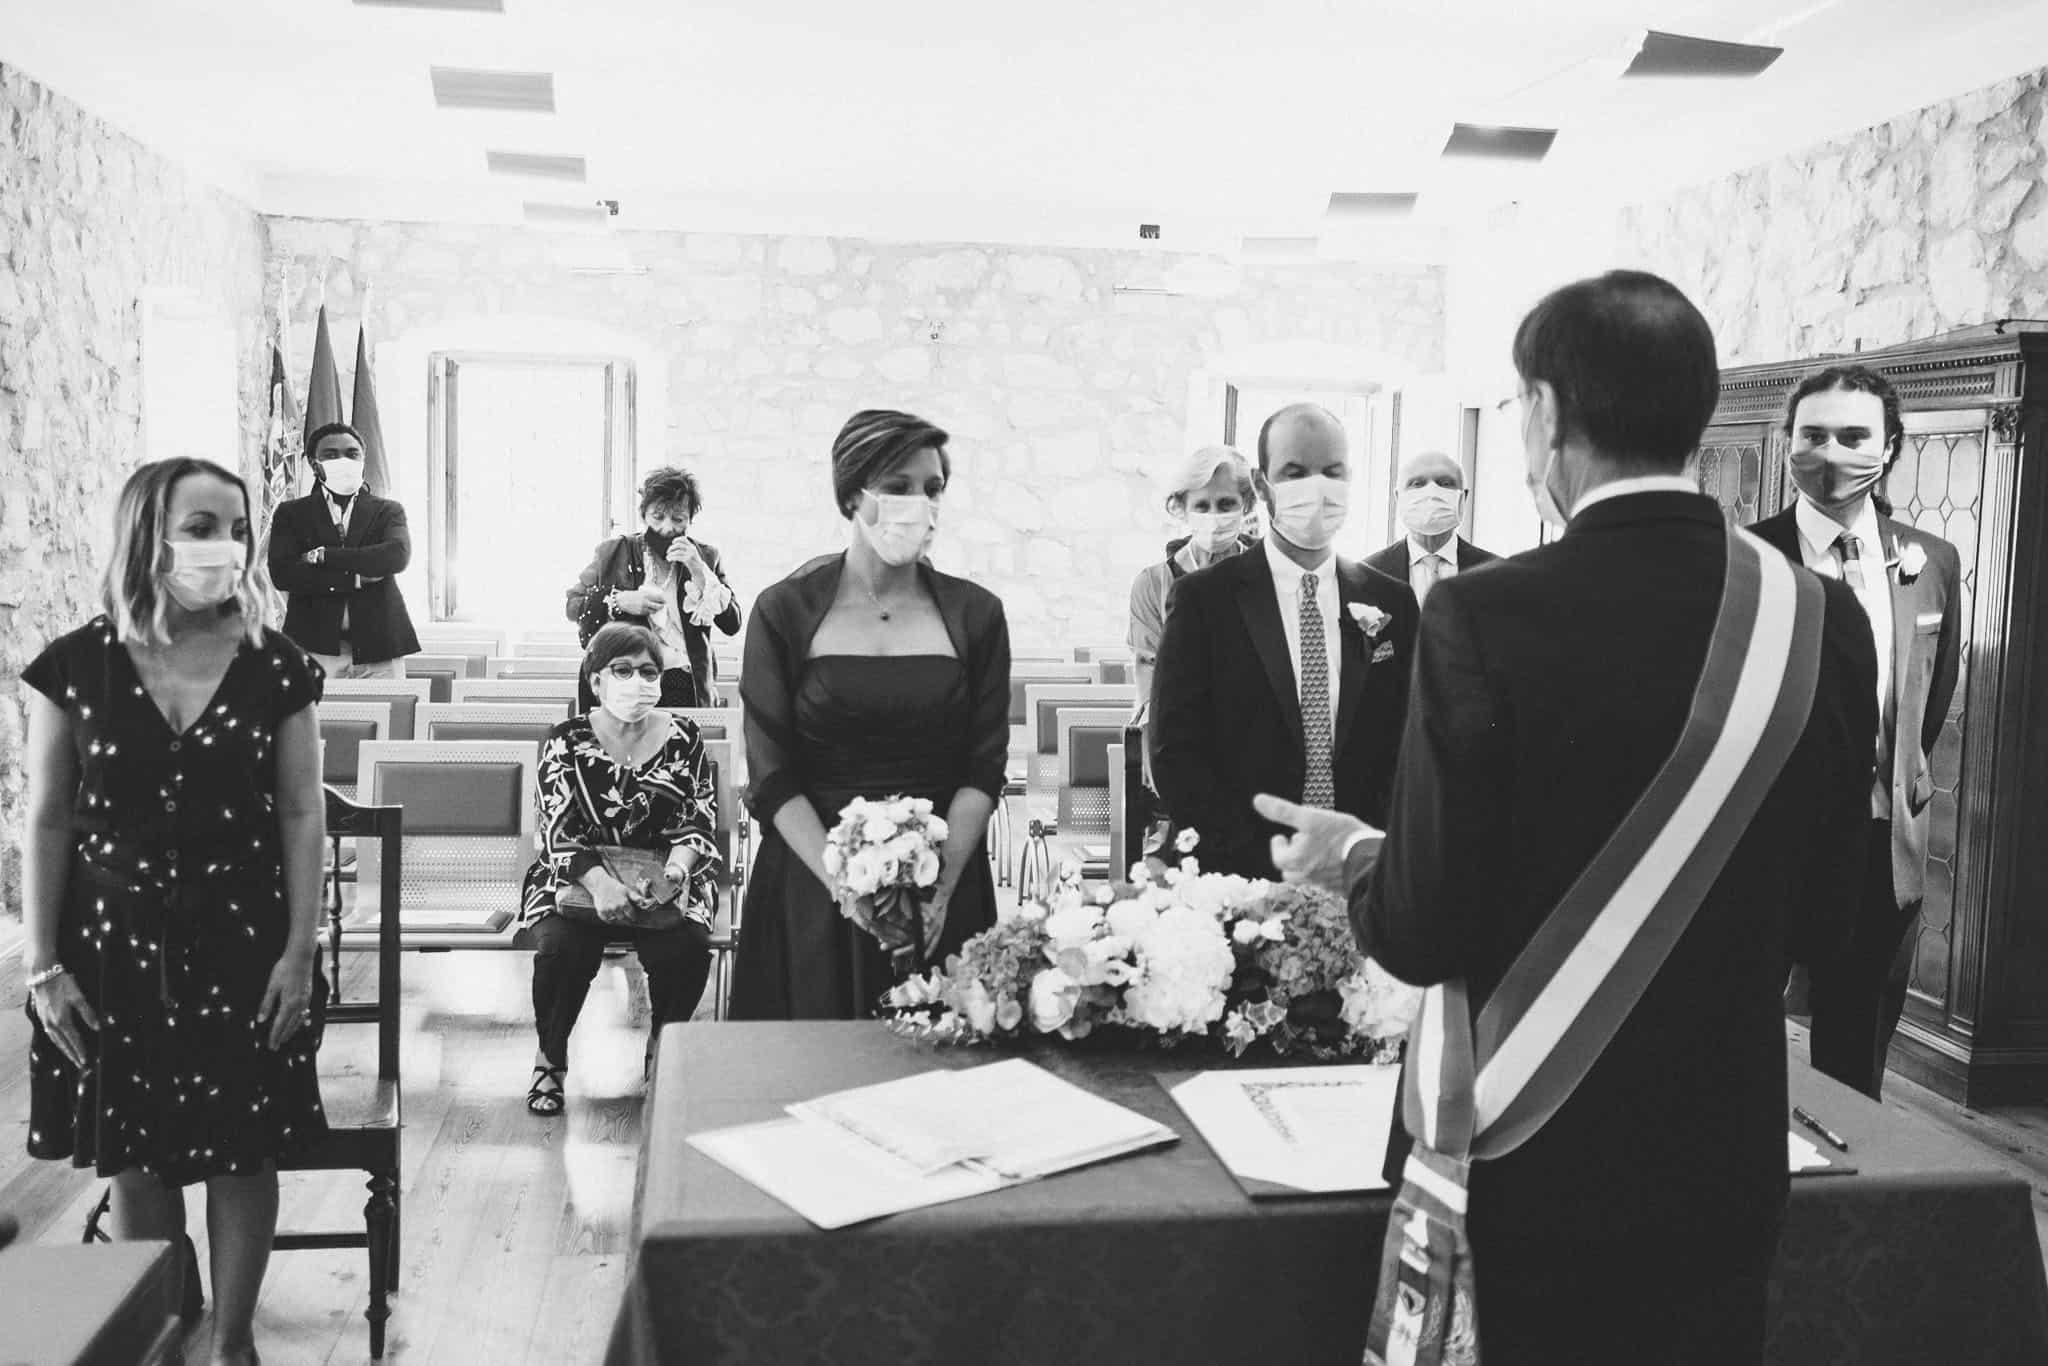 matrimonio valpolicella verona Costa degli ulivi 0021